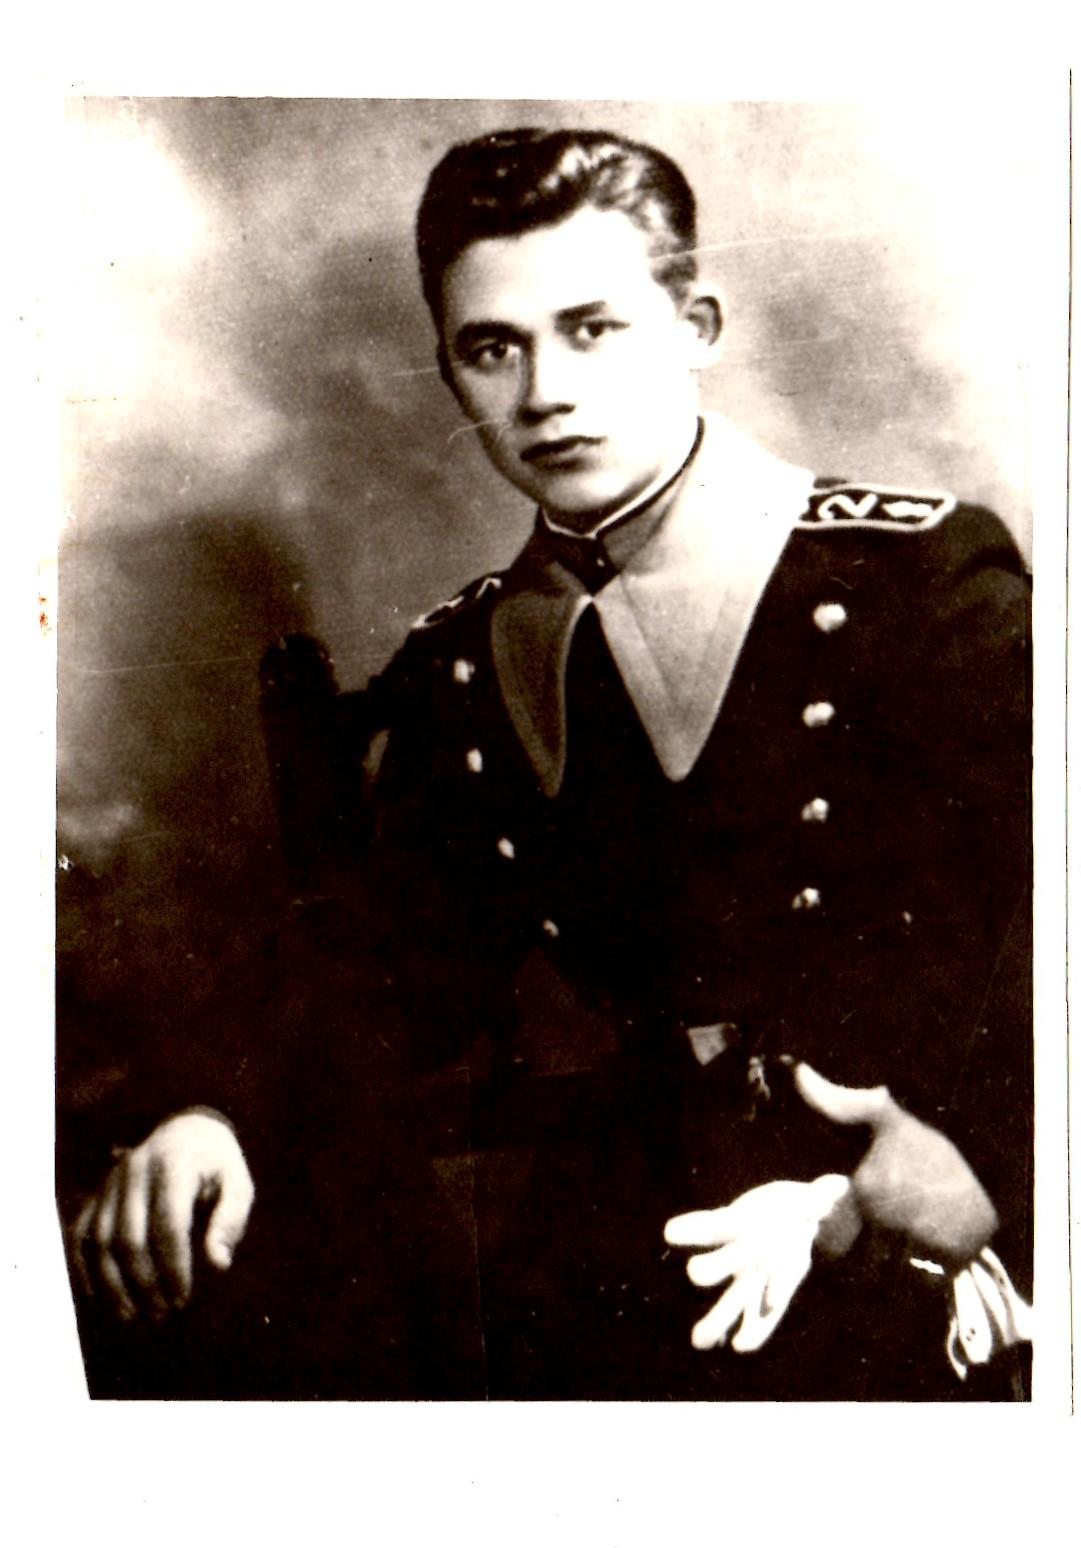 Κούτσιας Δημήτριος του Κωνσταντίνου εκ Τζούρτζιας Τρικάλων